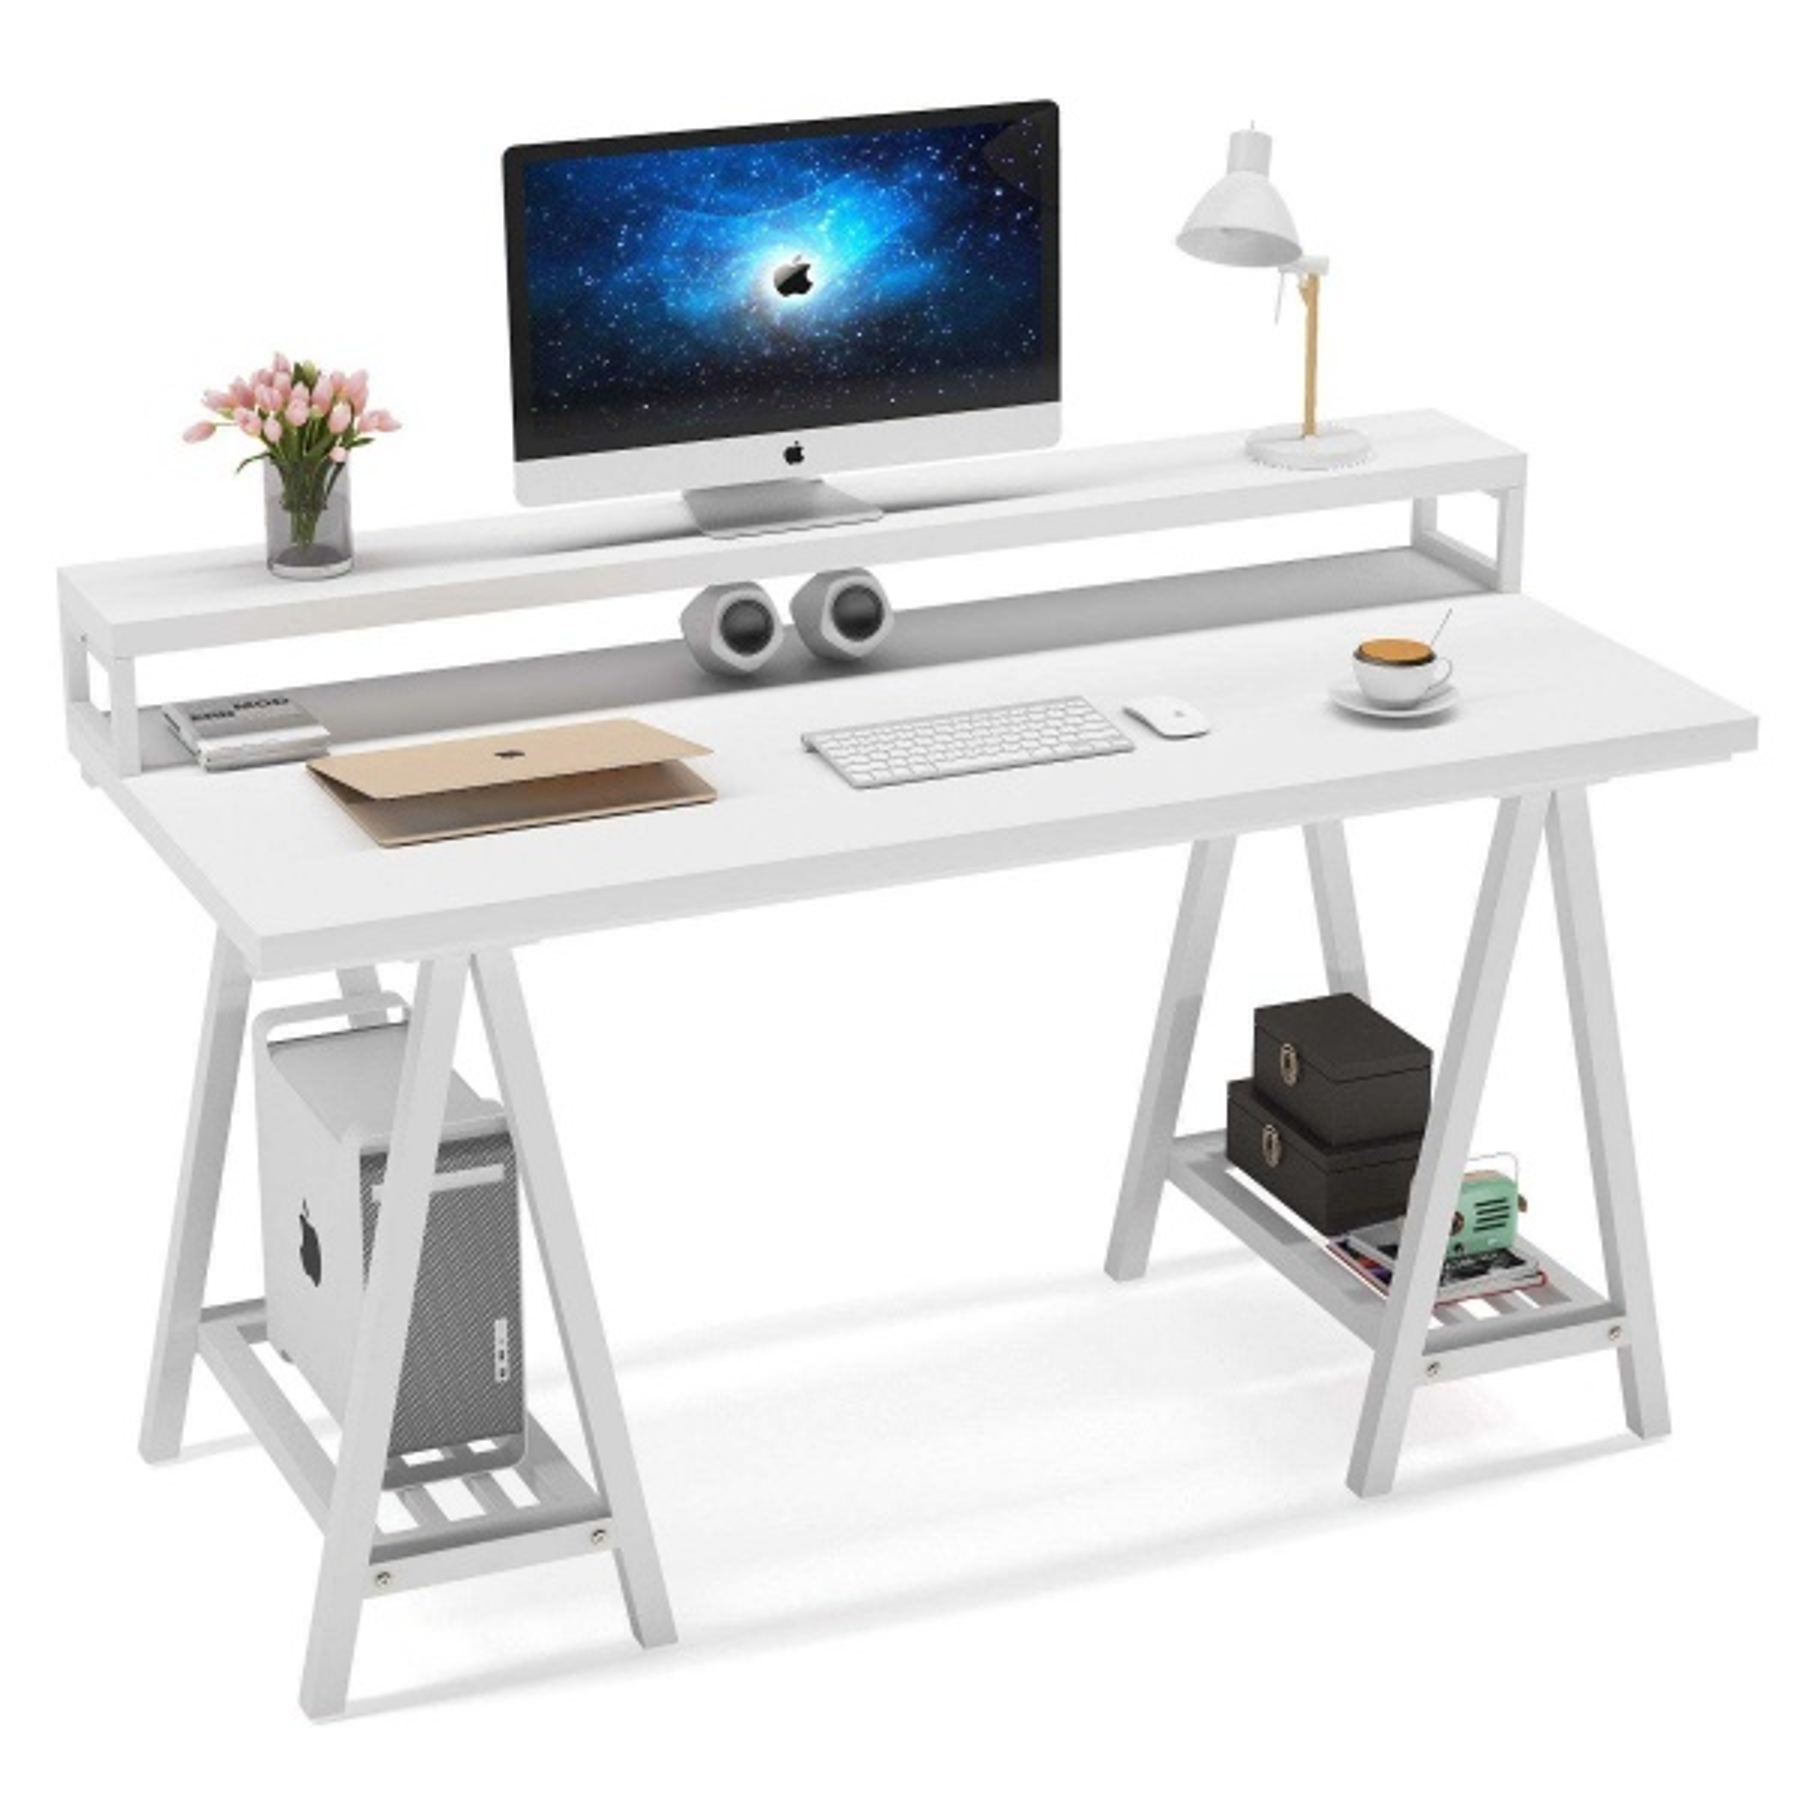 Zizuva Beyaz Tasarım Çalışma Masası